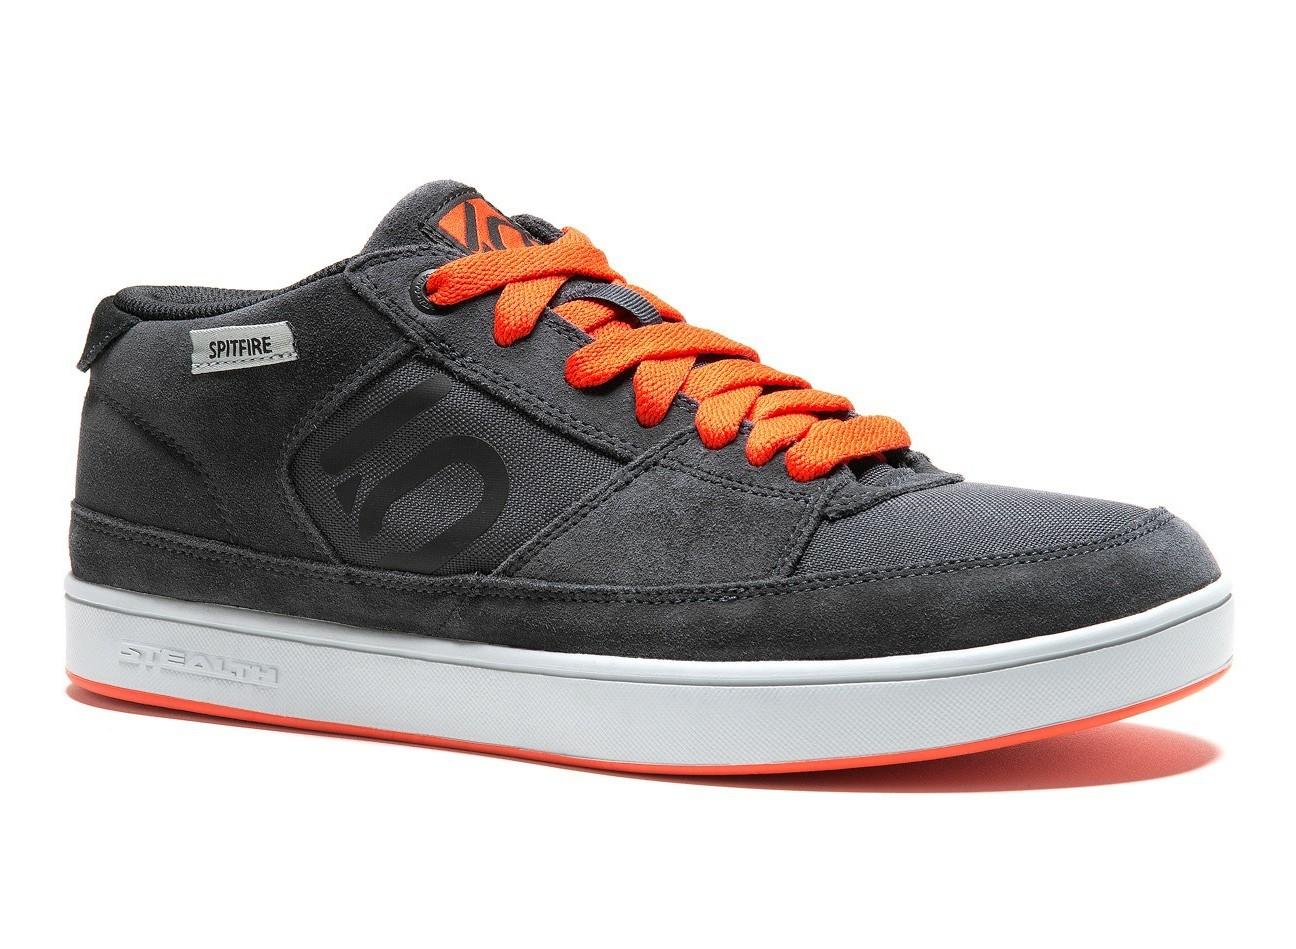 Five Ten Spitfire Men's Shoe - Dark Grey/Orange